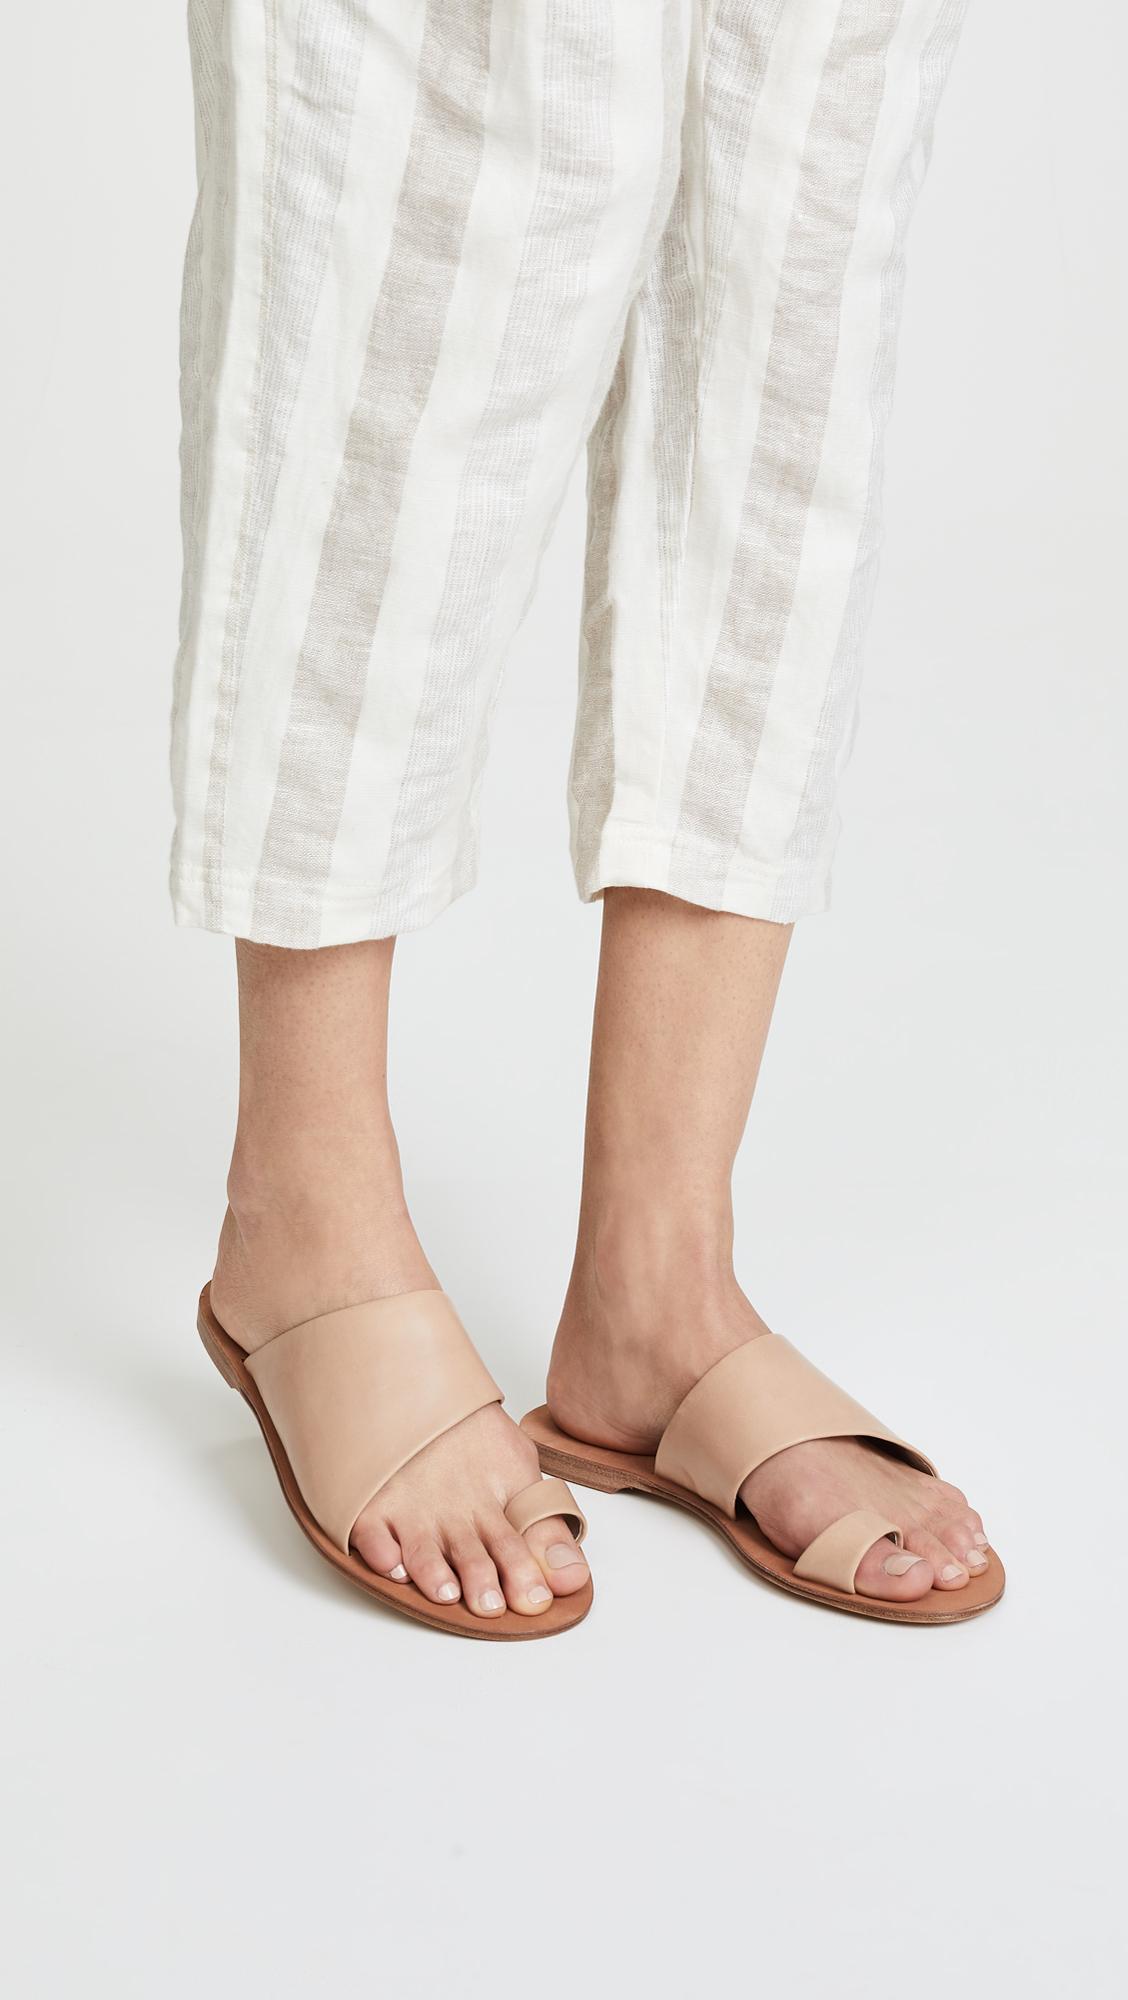 Diane von Furstenberg Women's Brittany Toe Loop Sandal taovCmXZ